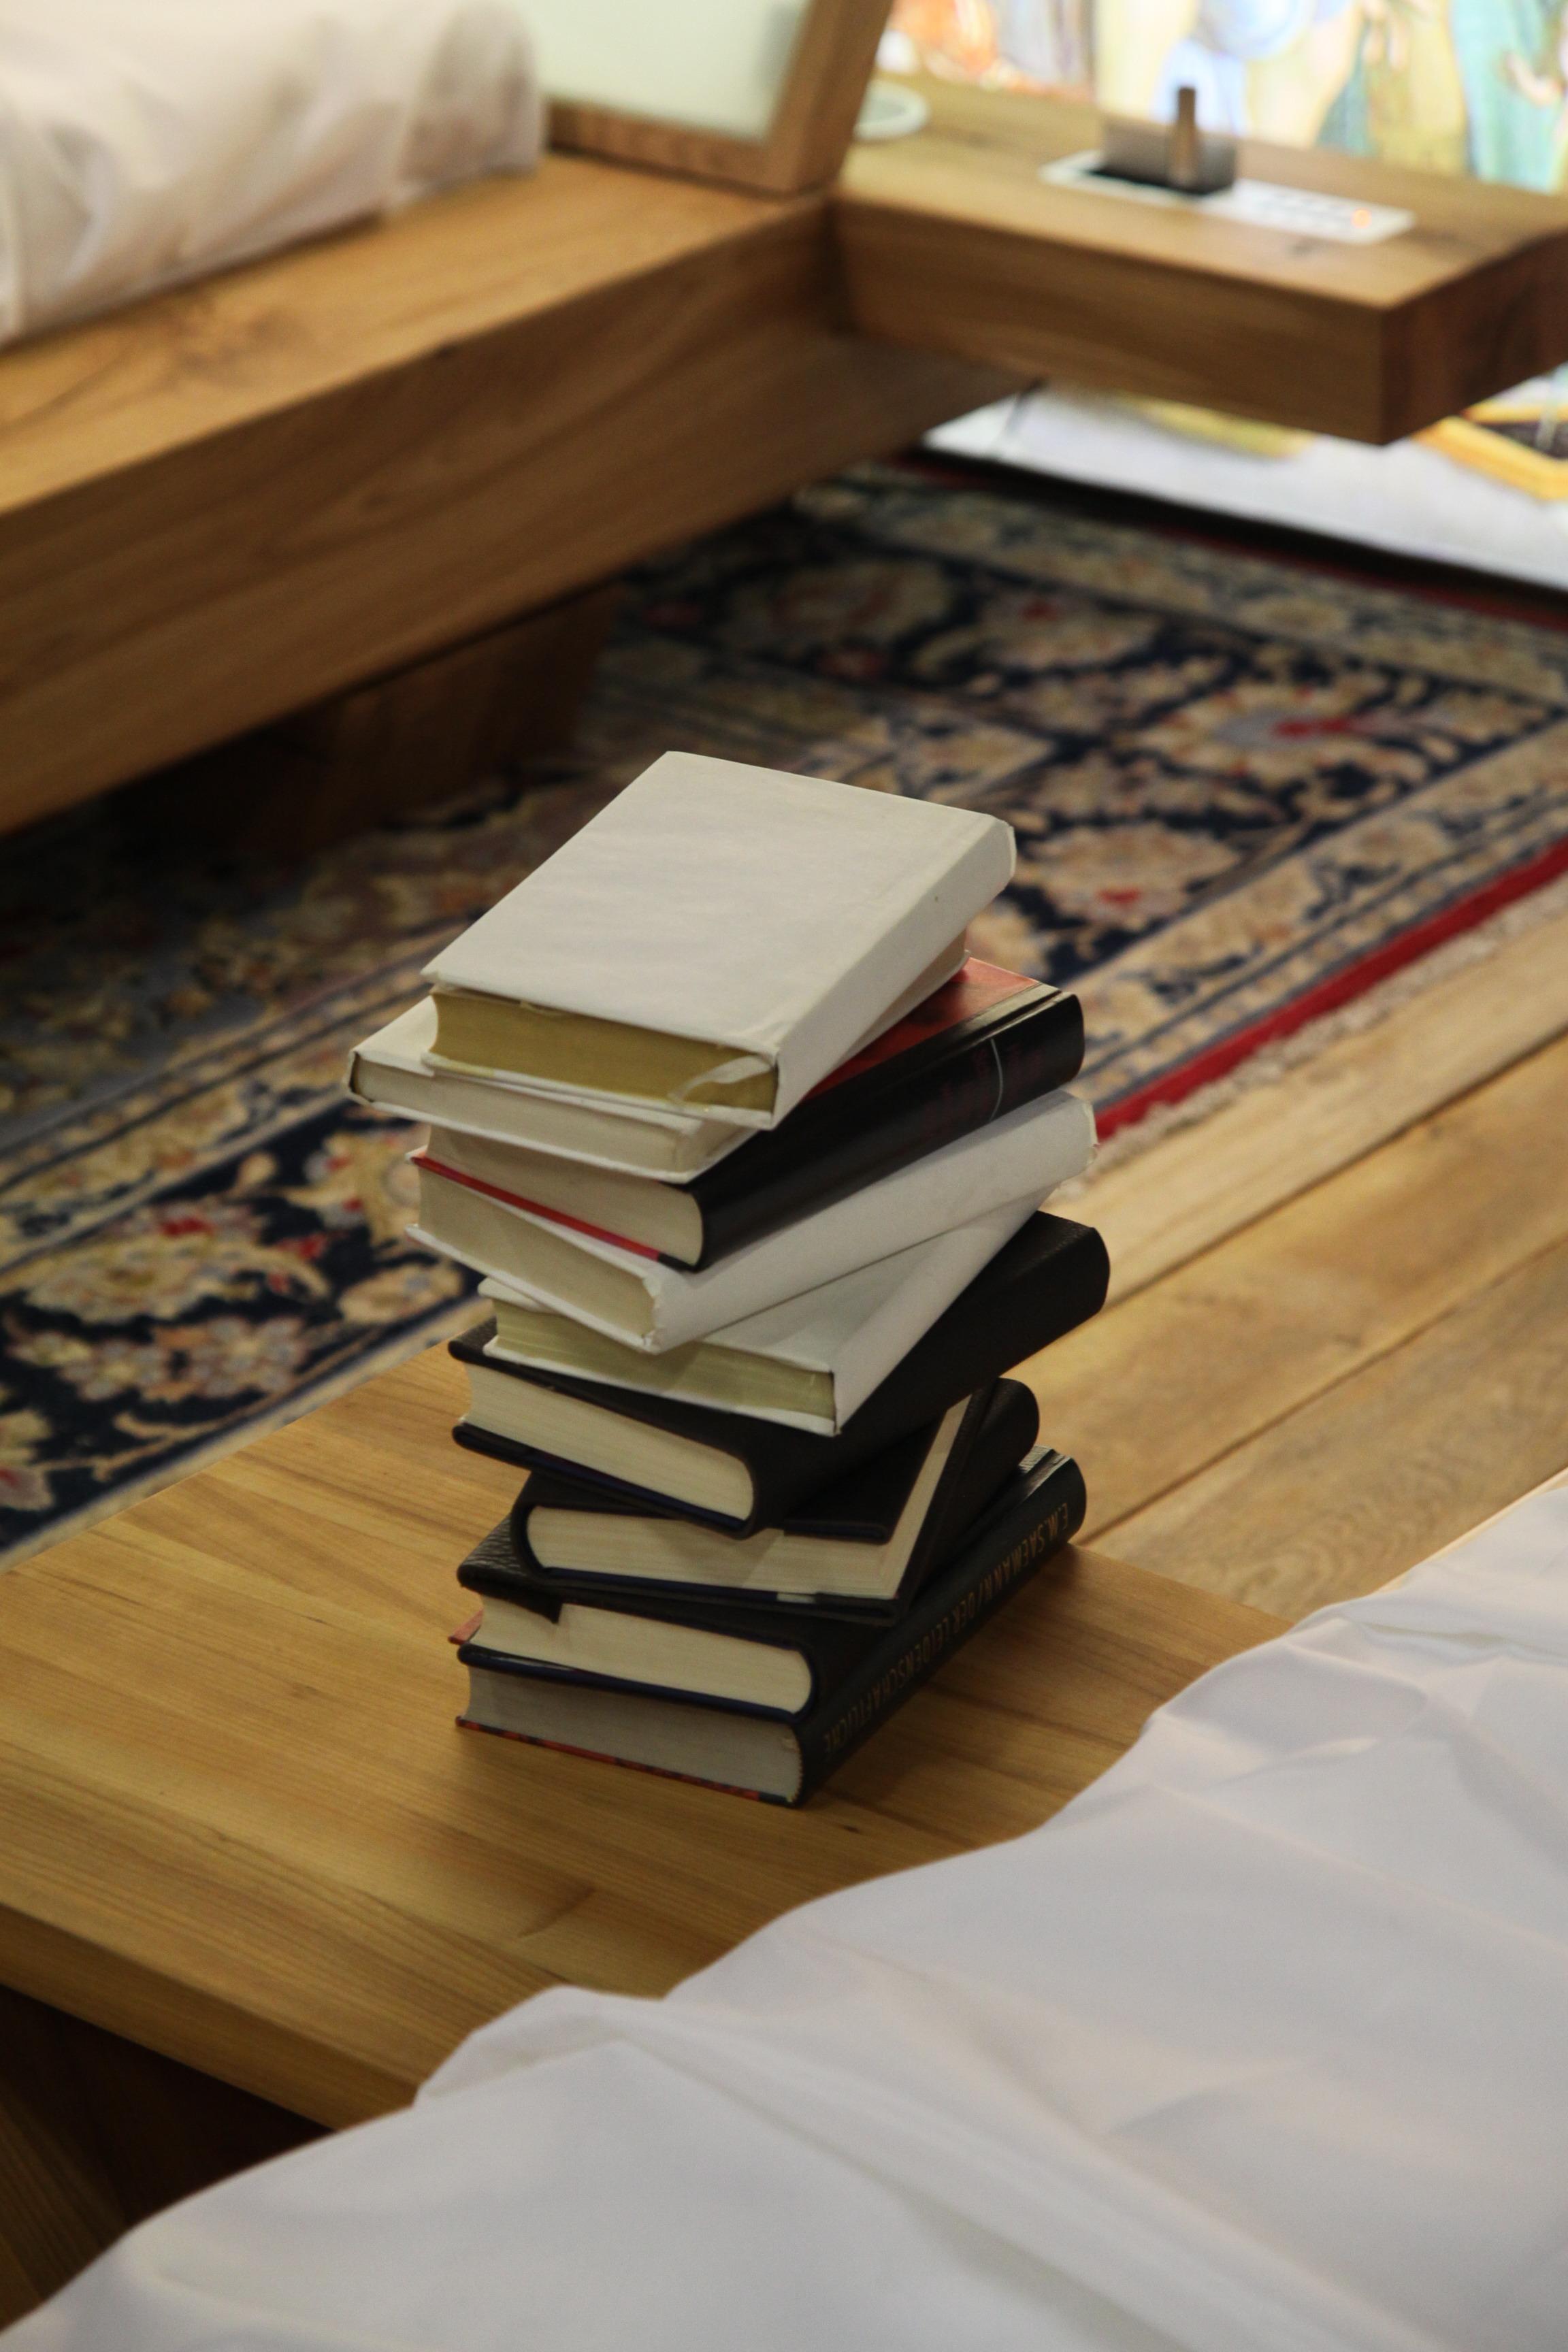 Fotos gratis : escritura, mesa, libro, piso, alto, apilar, mueble ...